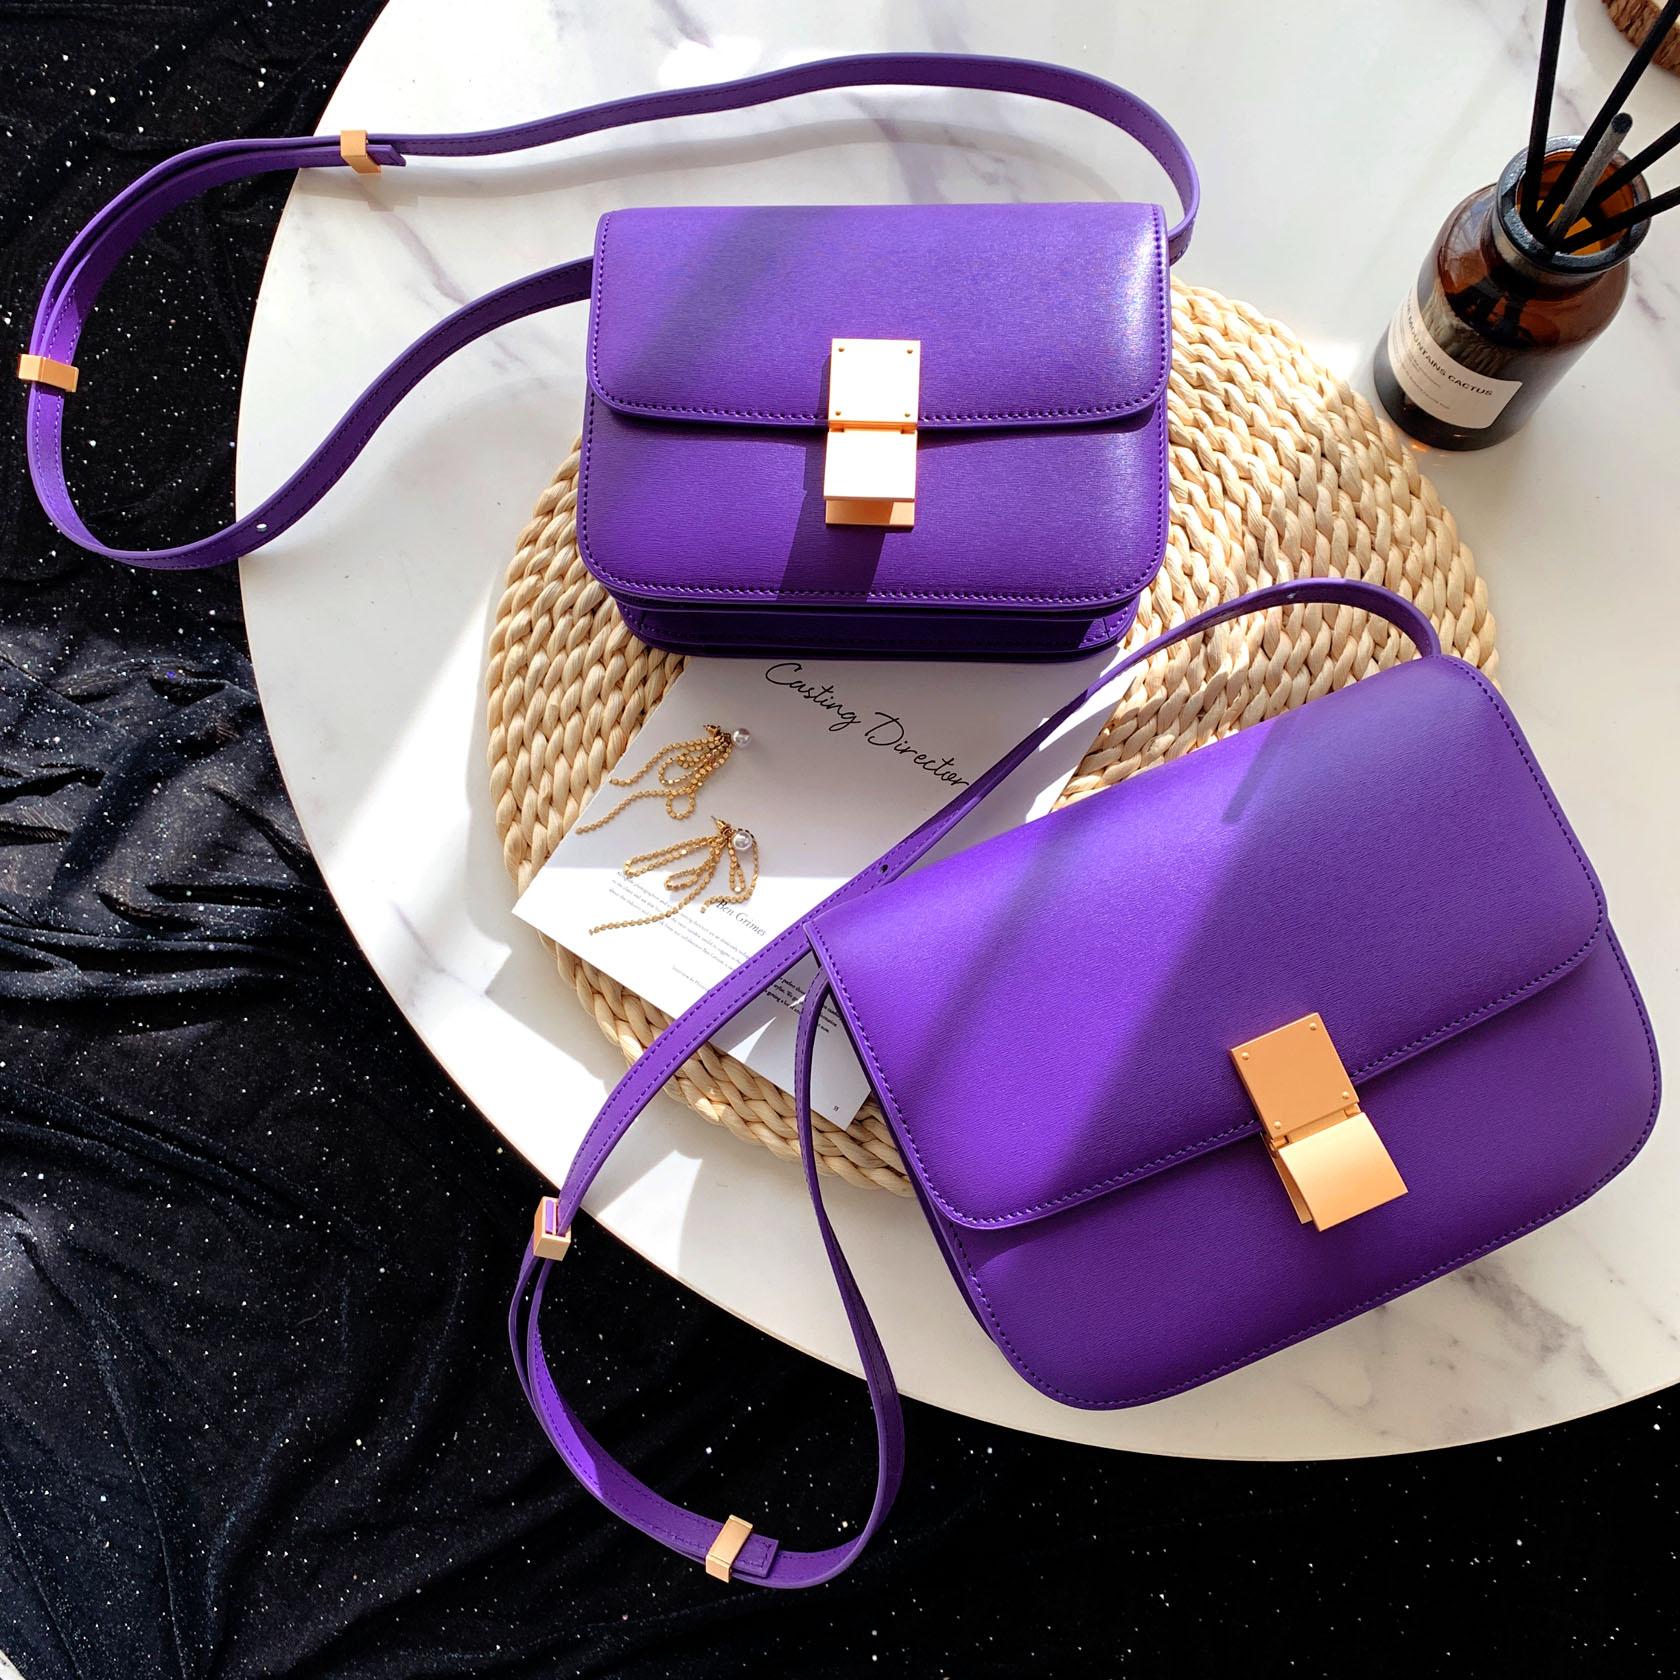 紫色斜挎包 2020新款高级感小包紫色豆腐包女斜挎box牛皮百搭小方包潮空姐包_推荐淘宝好看的紫色斜挎包